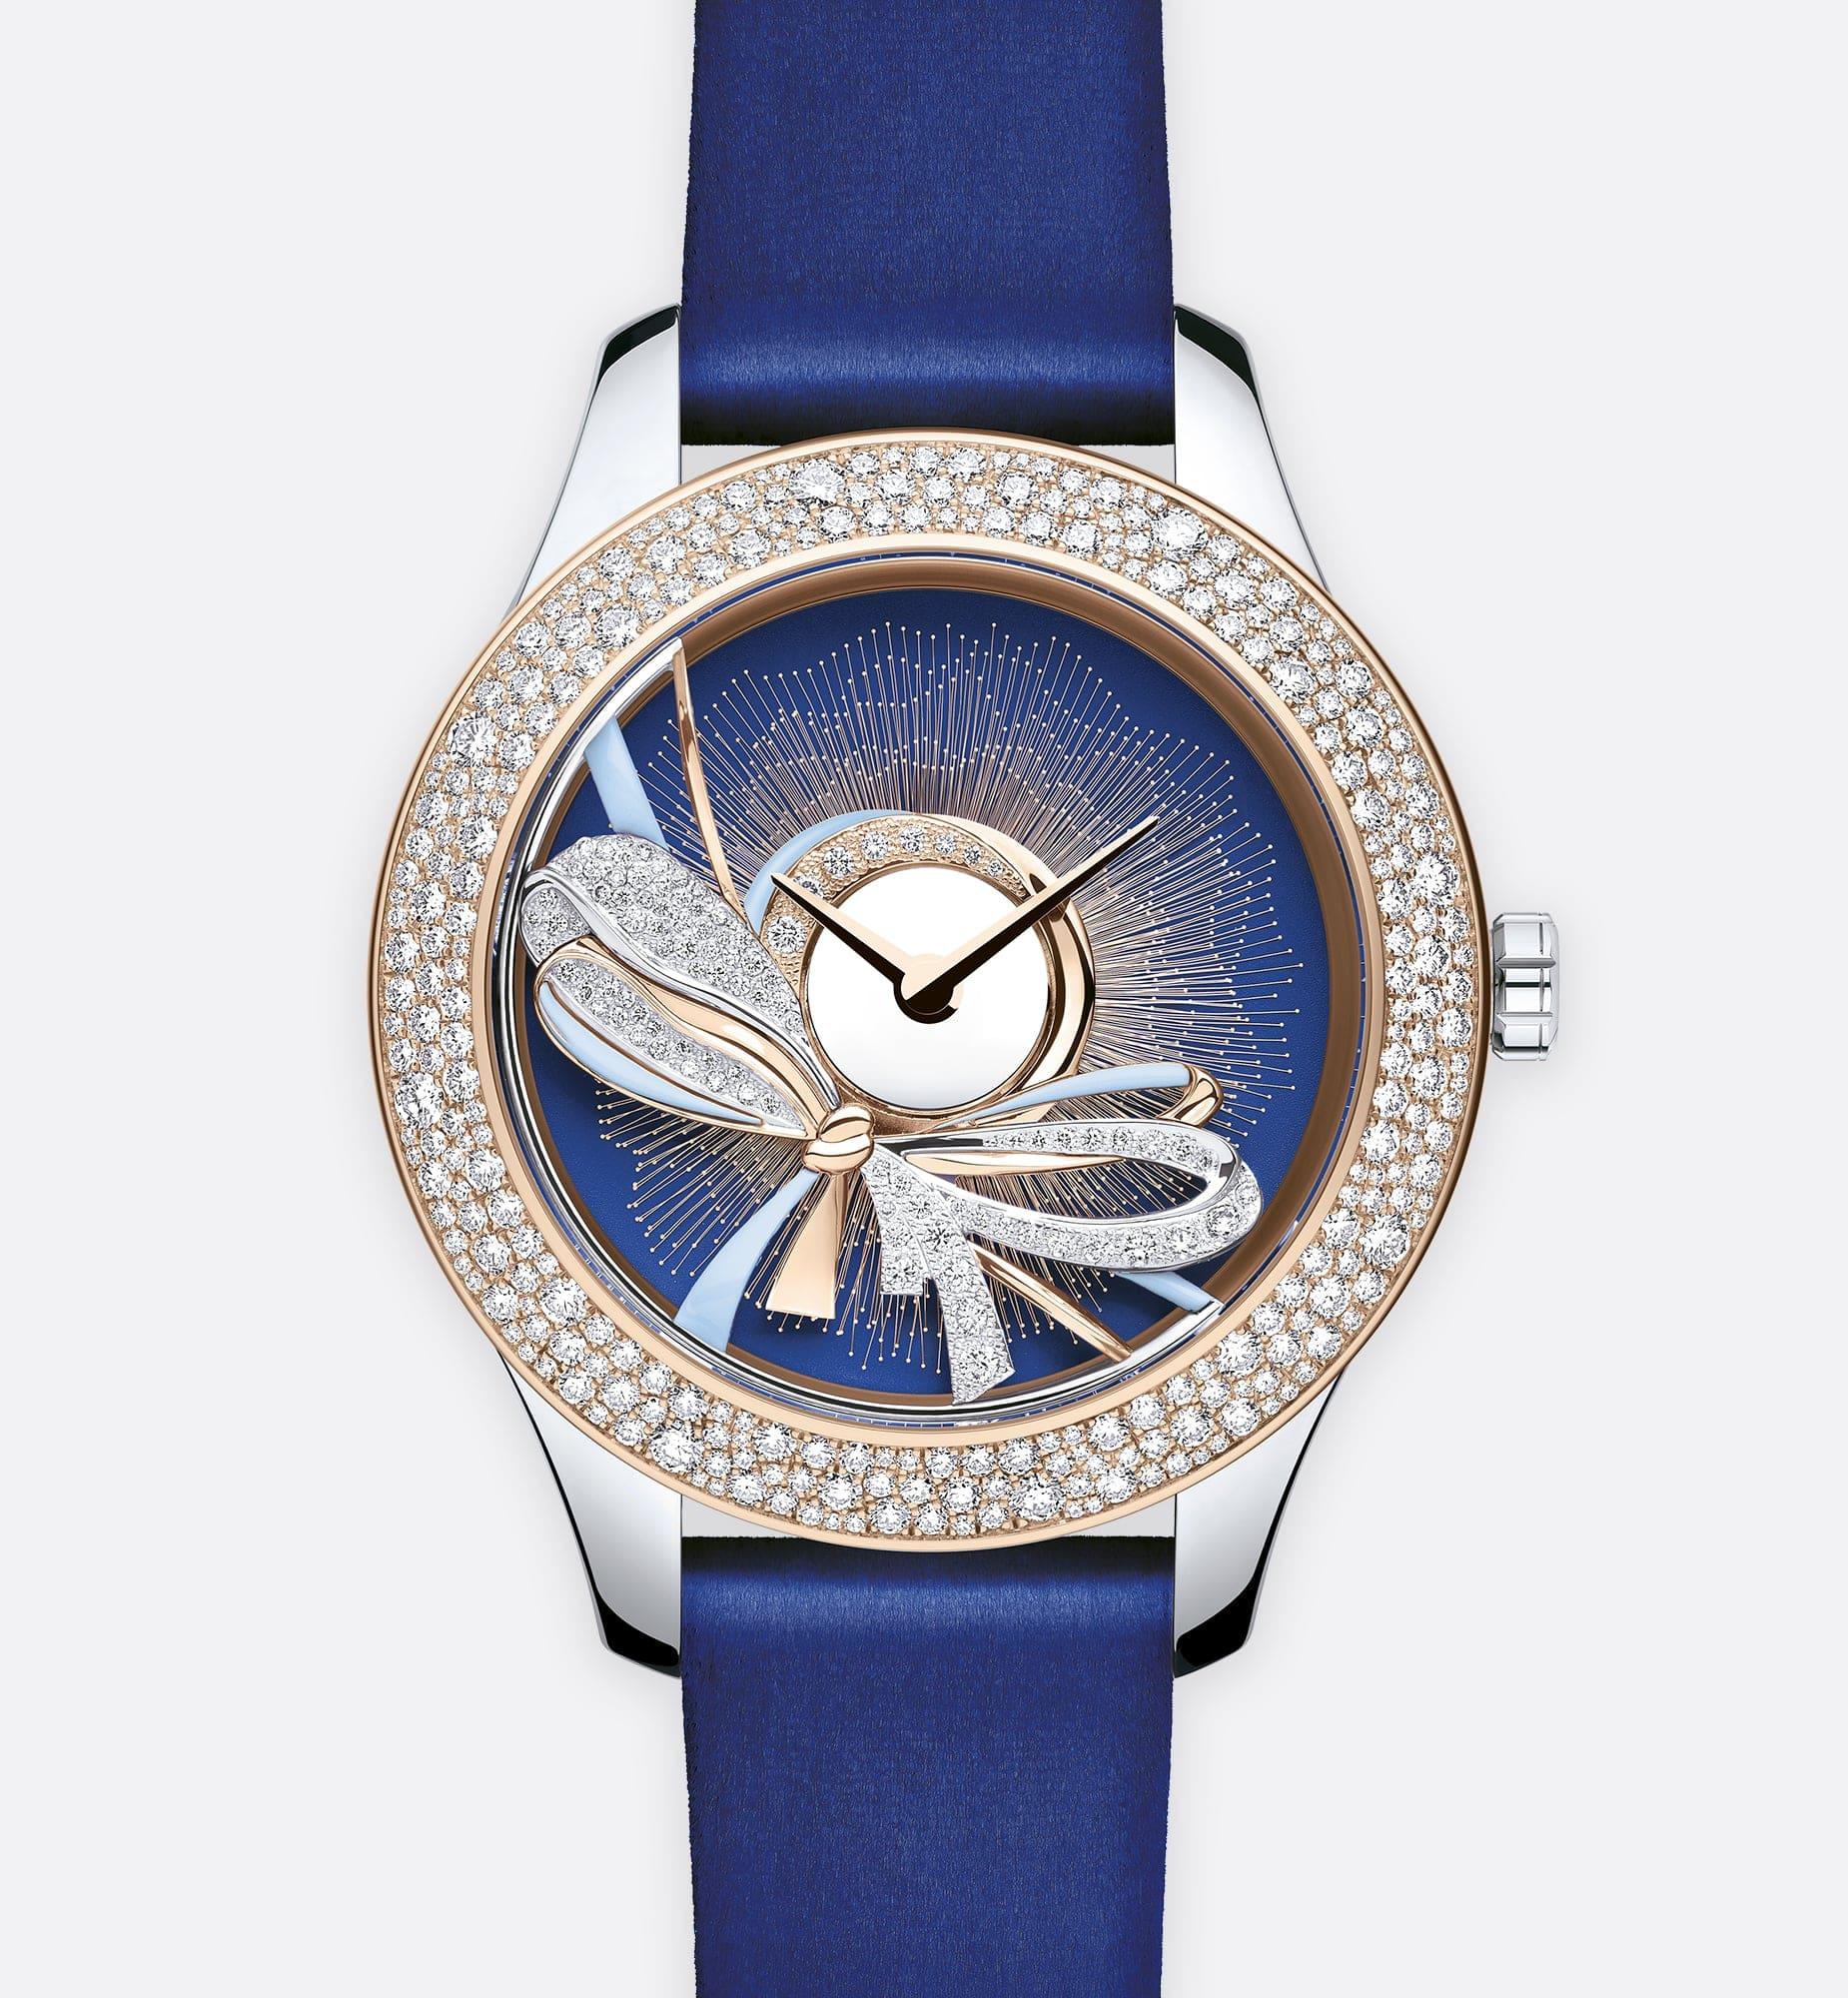 Dior Grand Bal Ruban aria_detailedView aria_openGallery